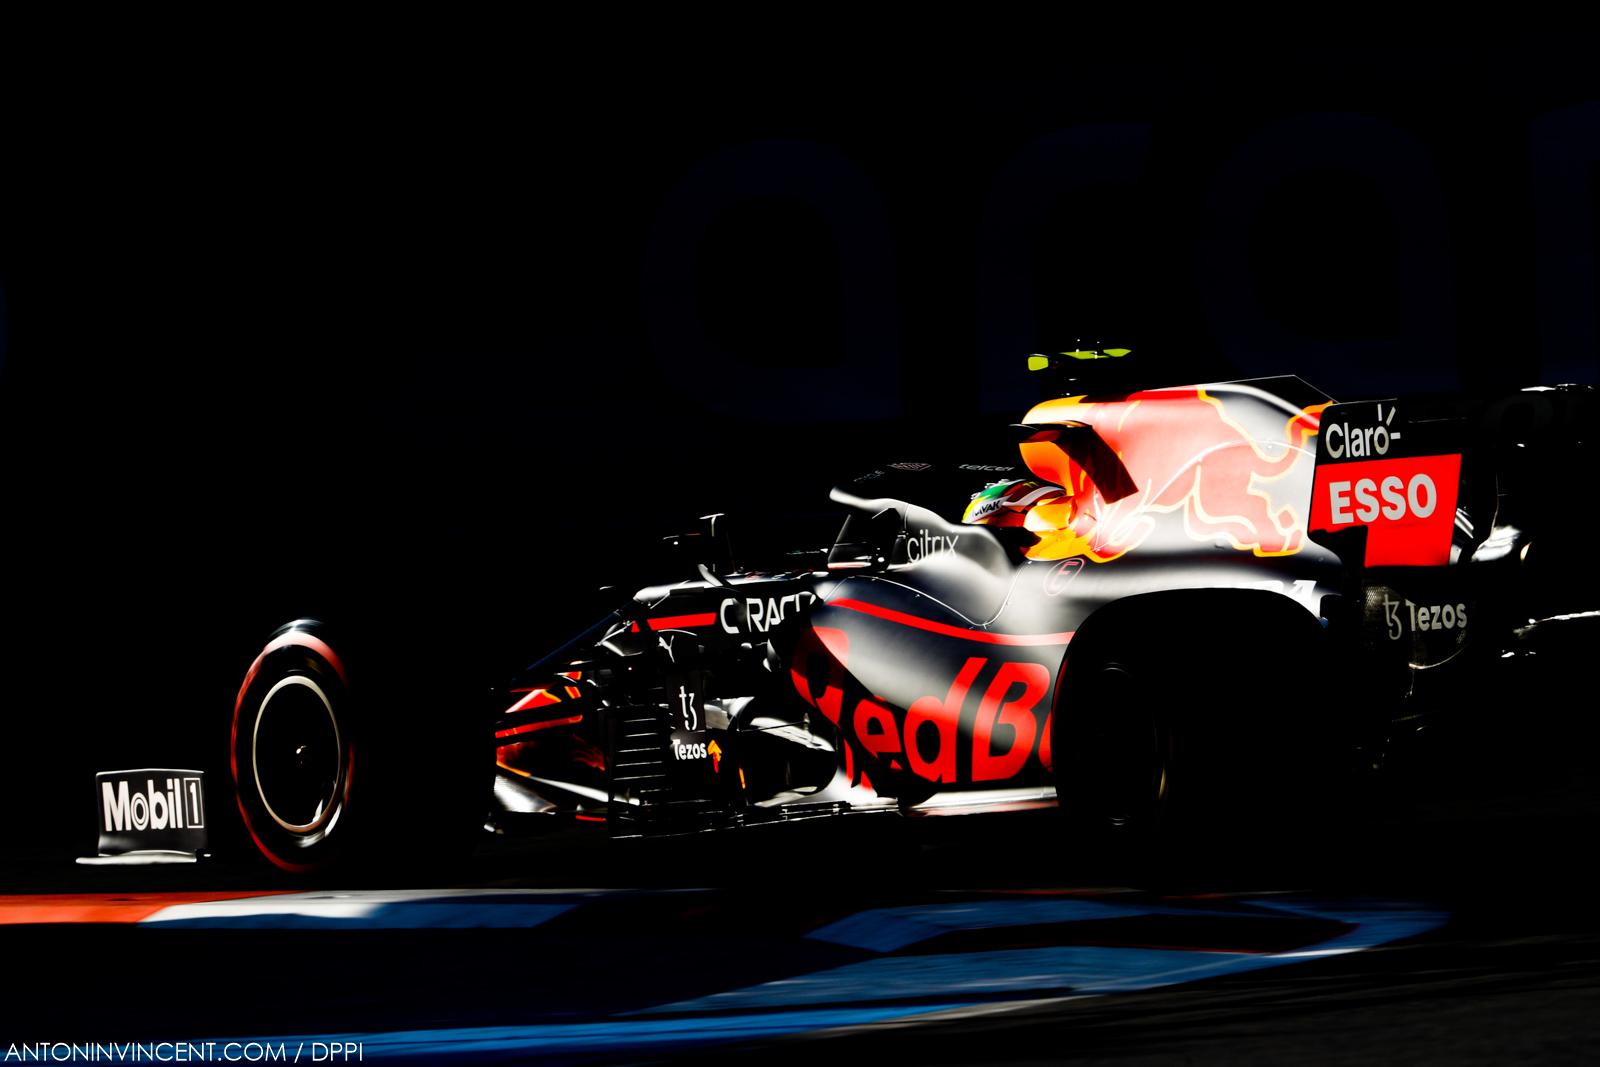 F1 Azerbaïjan Grand-Prix 2021